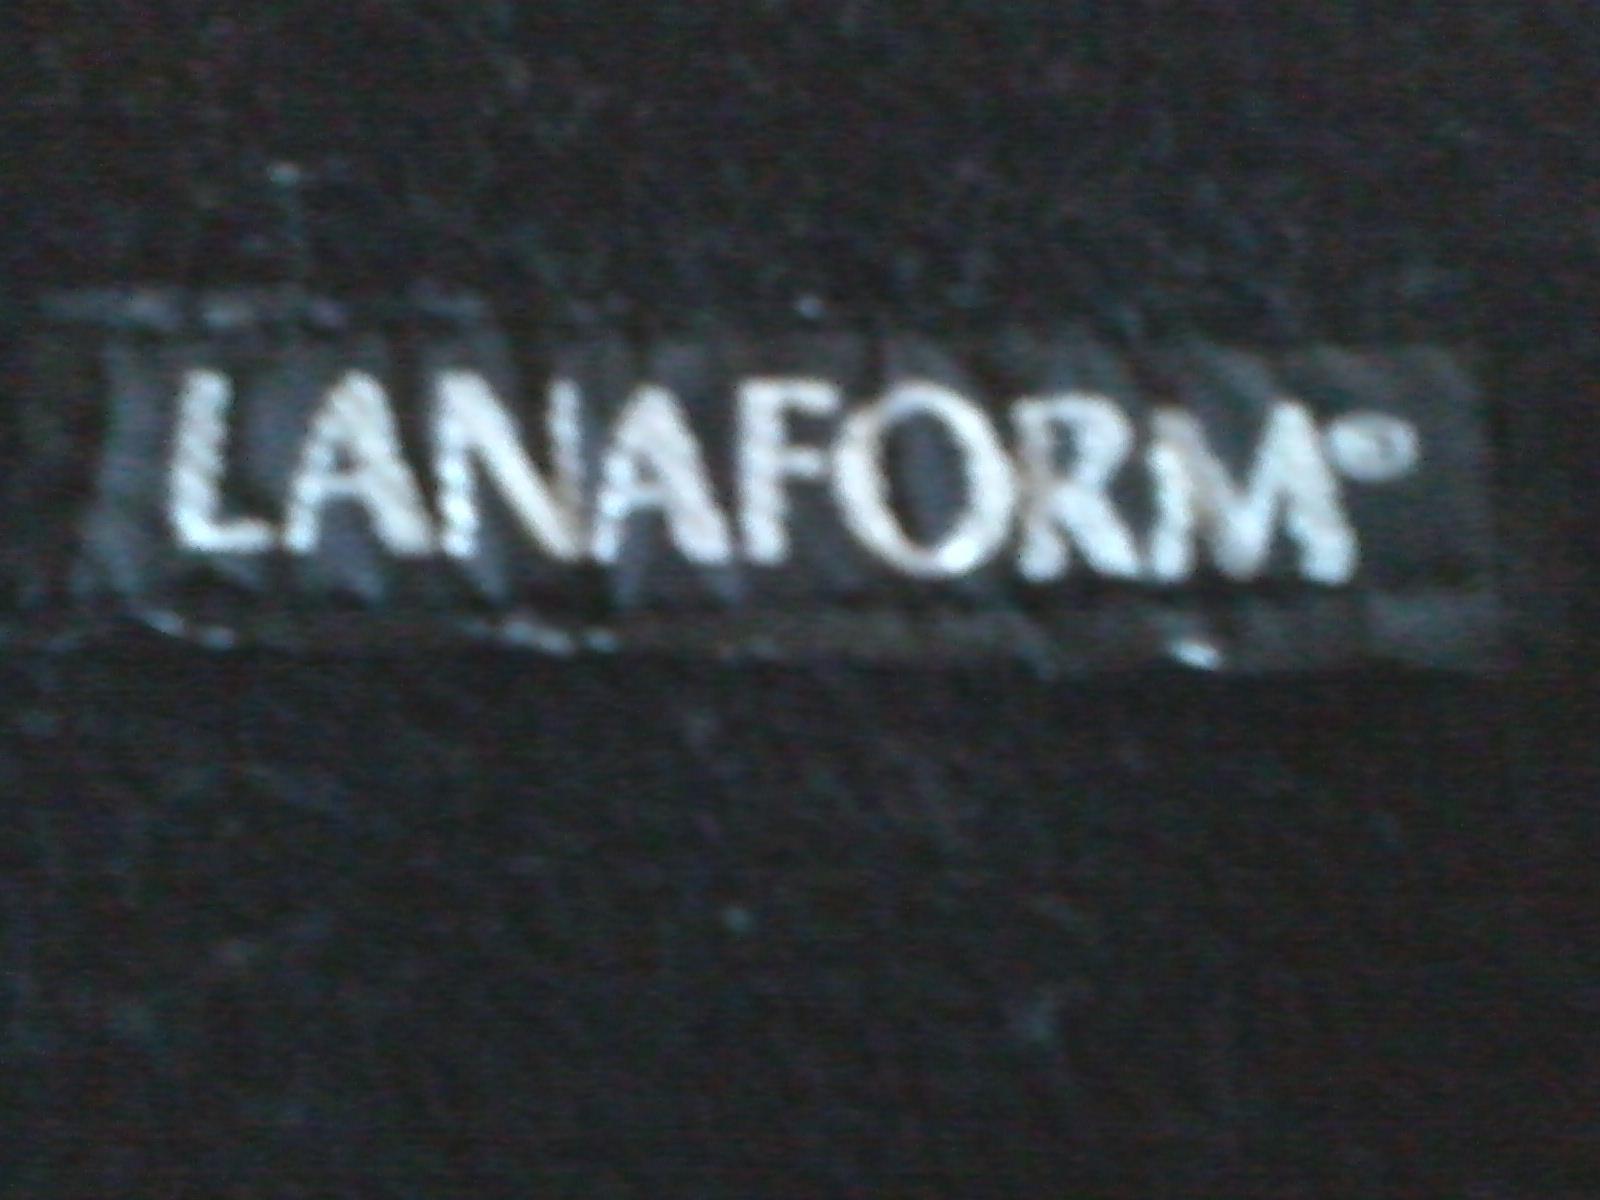 troc de troc ceinture de sudation bon etat et propre. image 1